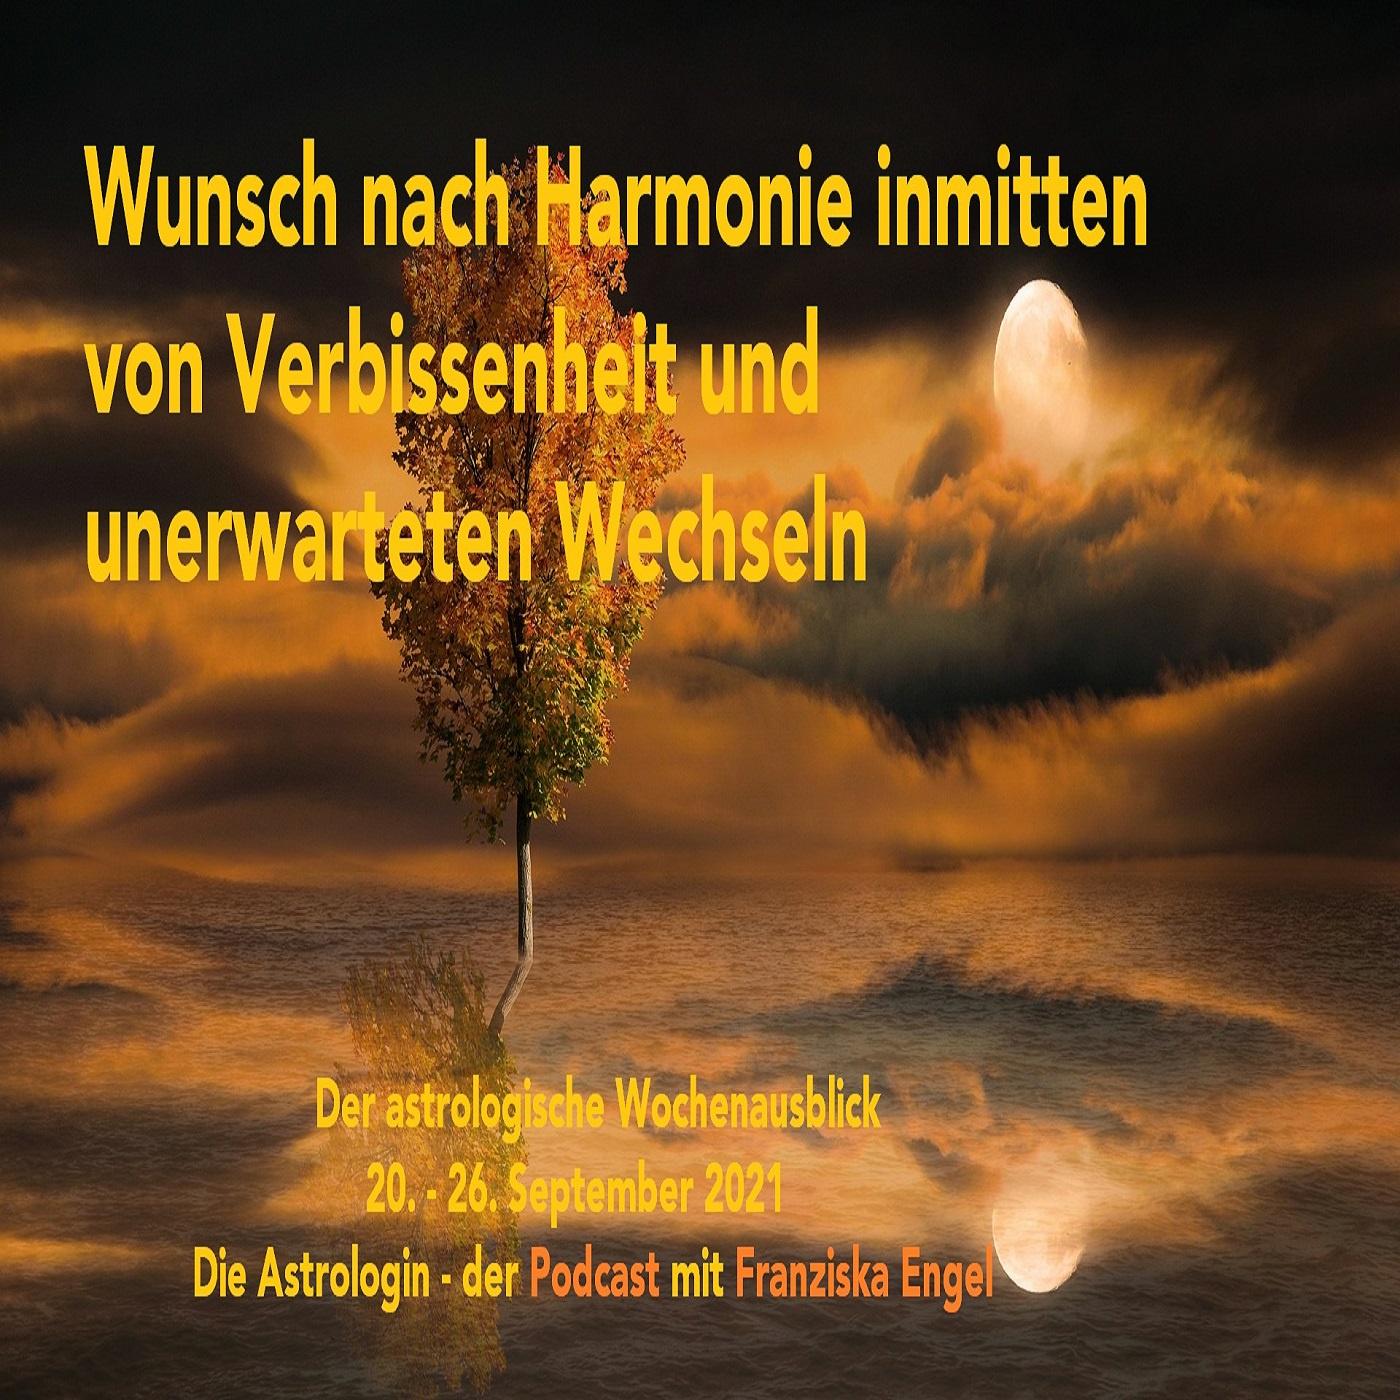 Wunsch nach Harmonie inmitten von Verbissenheit und unerwarteten Wechseln